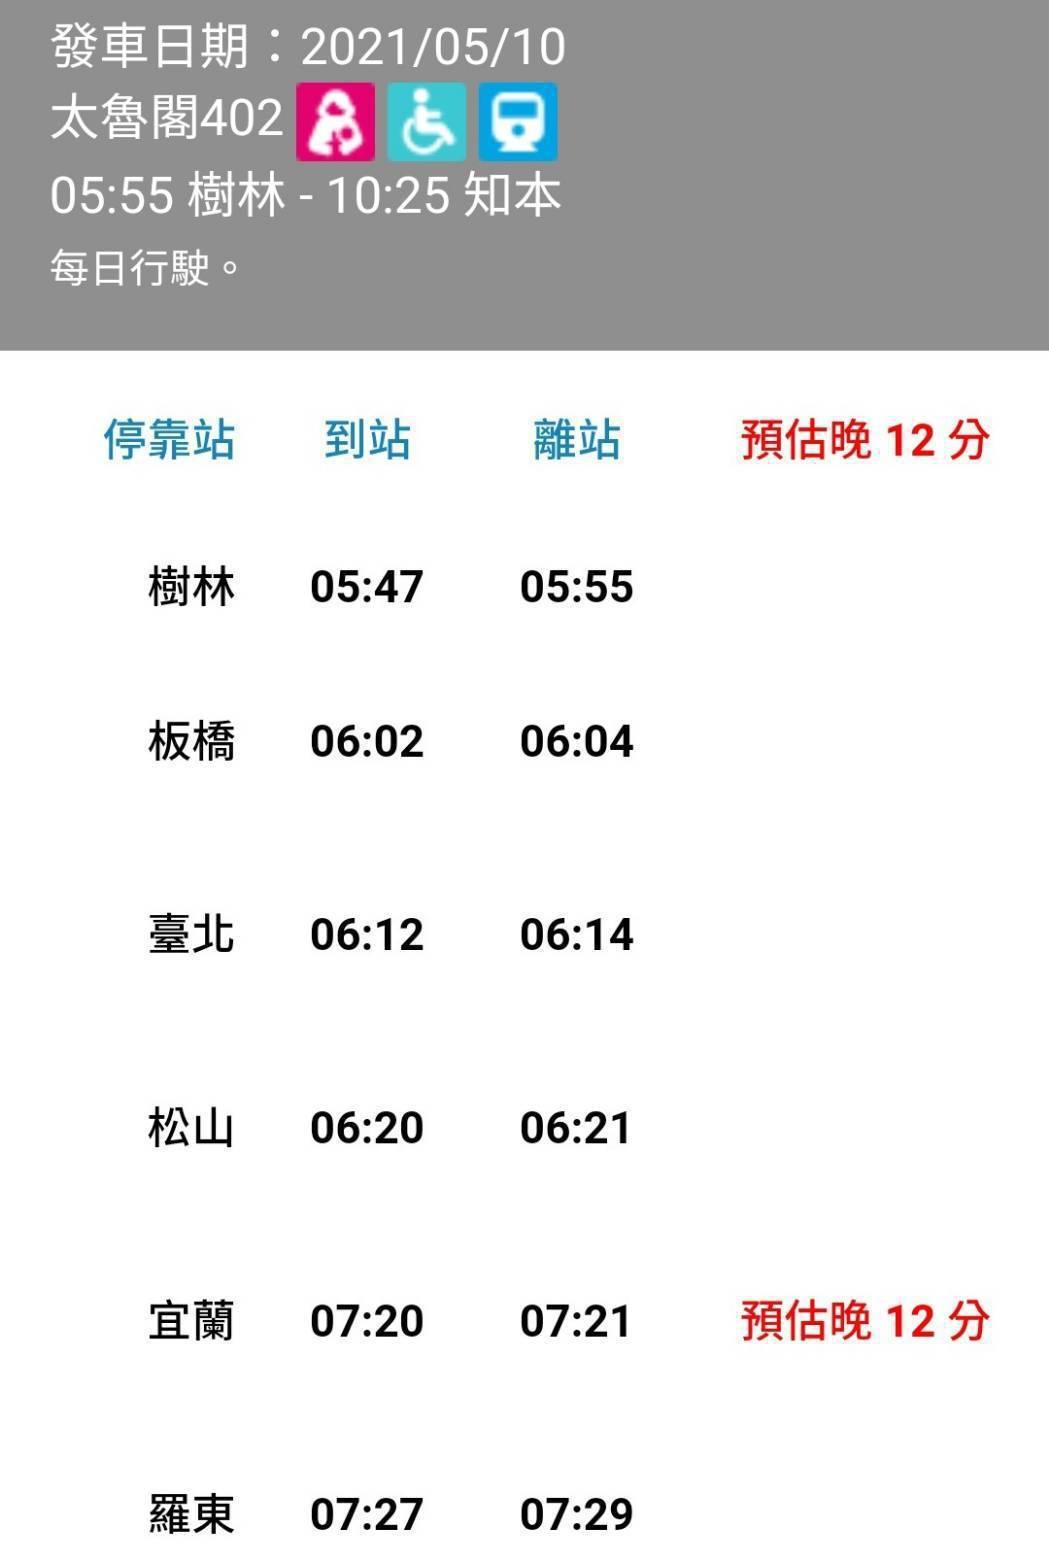 5月10日402次(太魯閣號,樹林開往知本)07:11於頭城=礁溪間東正線吉祥路...